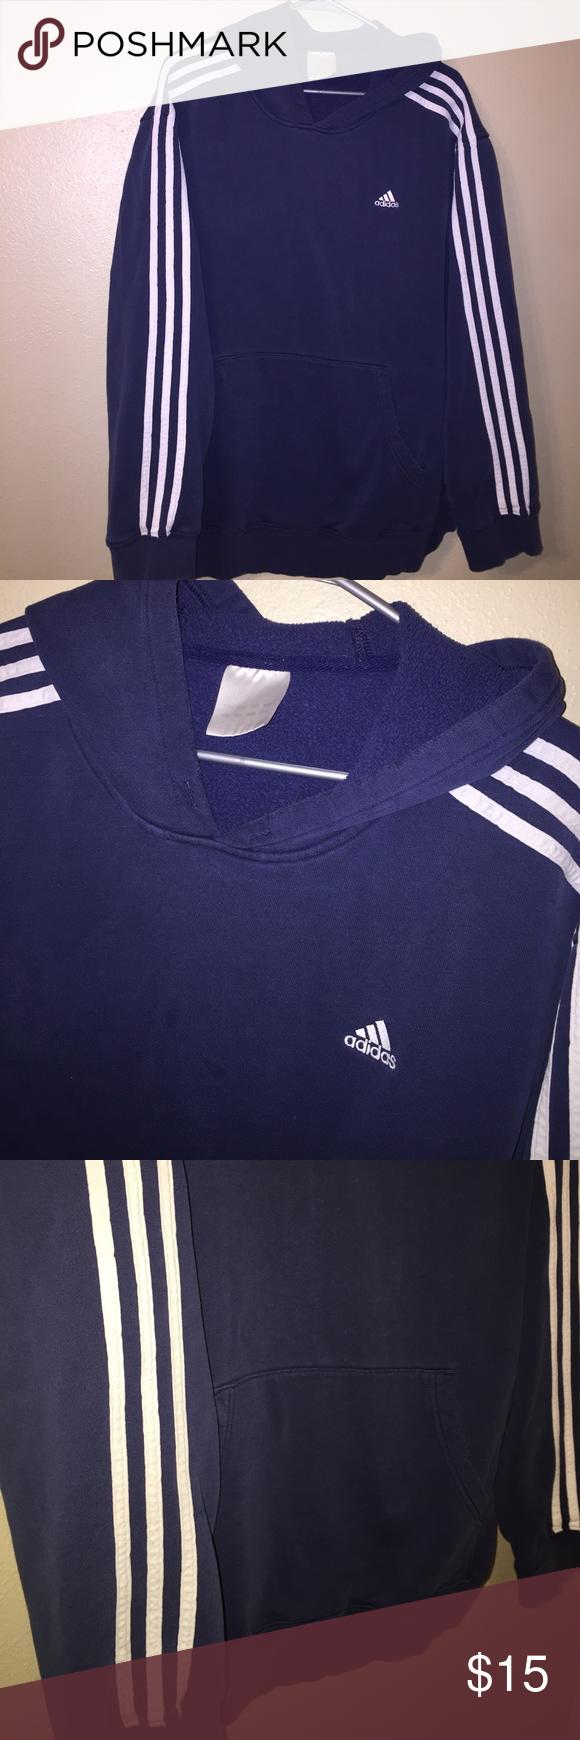 Vintage Adidas Hoodie Sweatshirt Navy Blue Men S L Adidas Hoodie Vintage Adidas Sweatshirts Hoodie [ 1740 x 580 Pixel ]